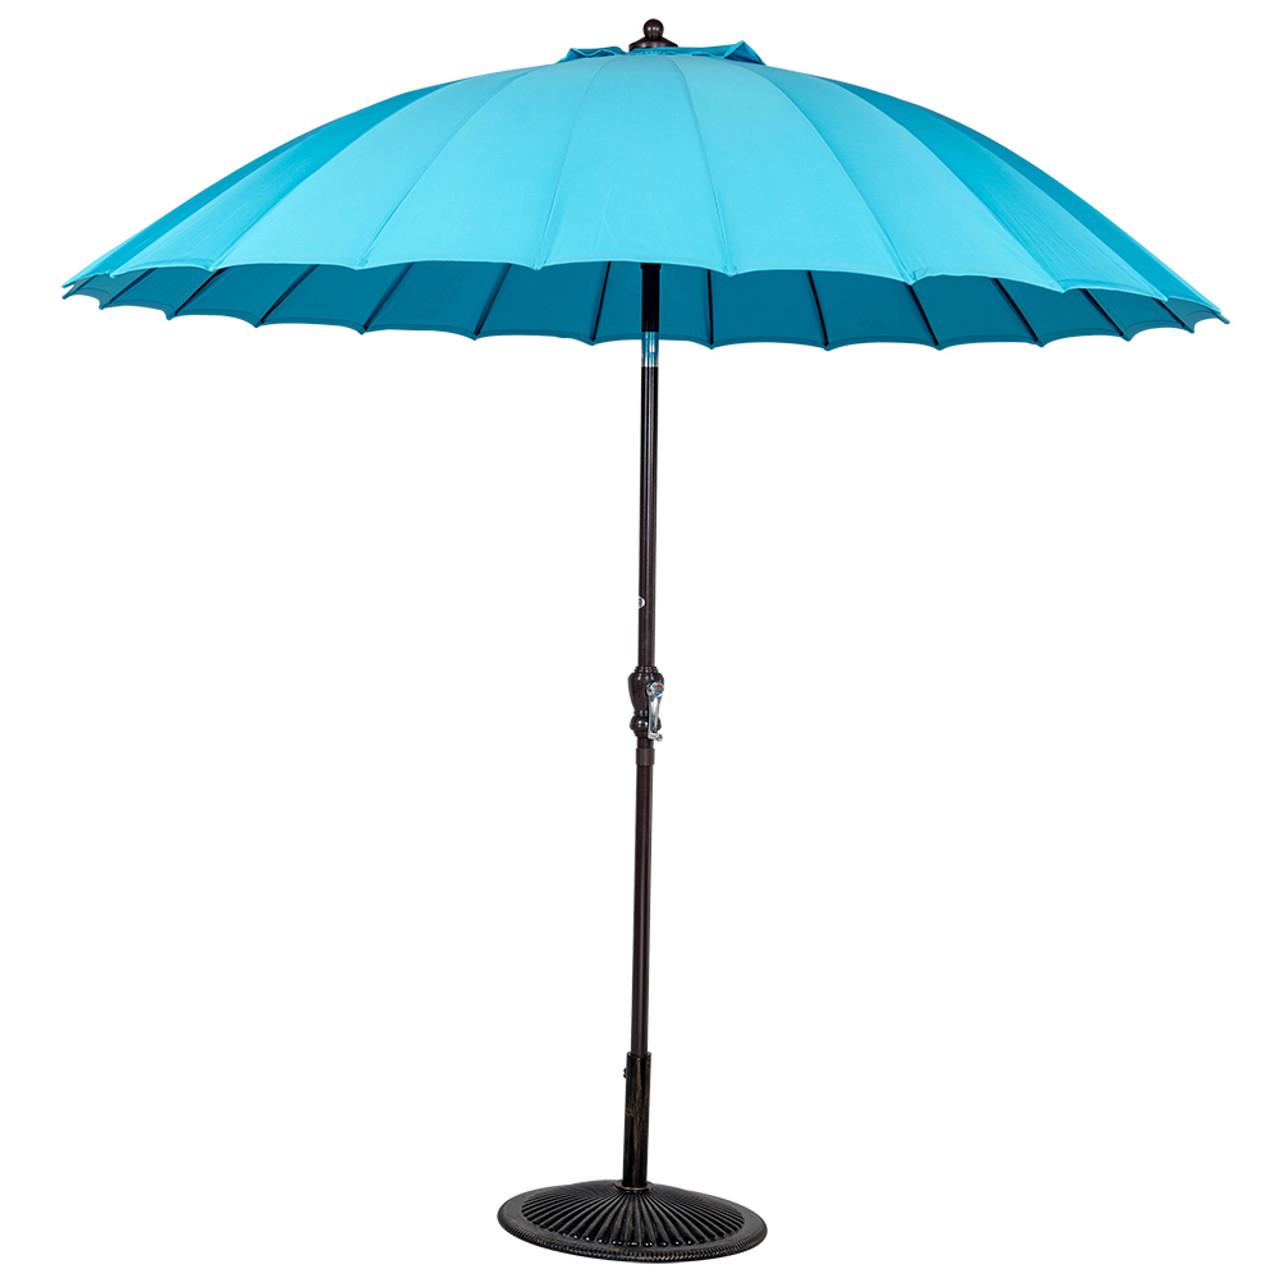 9ft Patio Garden Parasol Outdoor Market Umbrella With Push Button Tilt And  Crank, 24 Ribs And UV ...